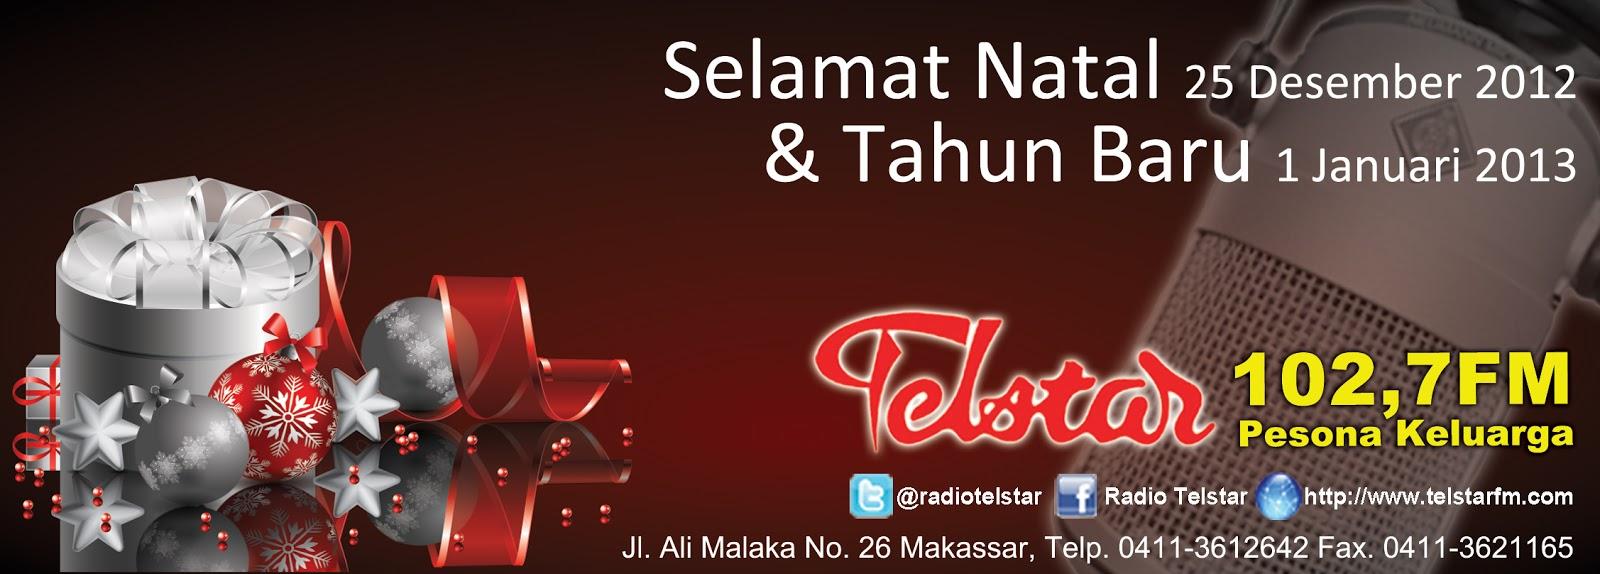 Neo organizer expo ifbc expo 2012 makassar 7 9 desember for 18 8 salon franchise